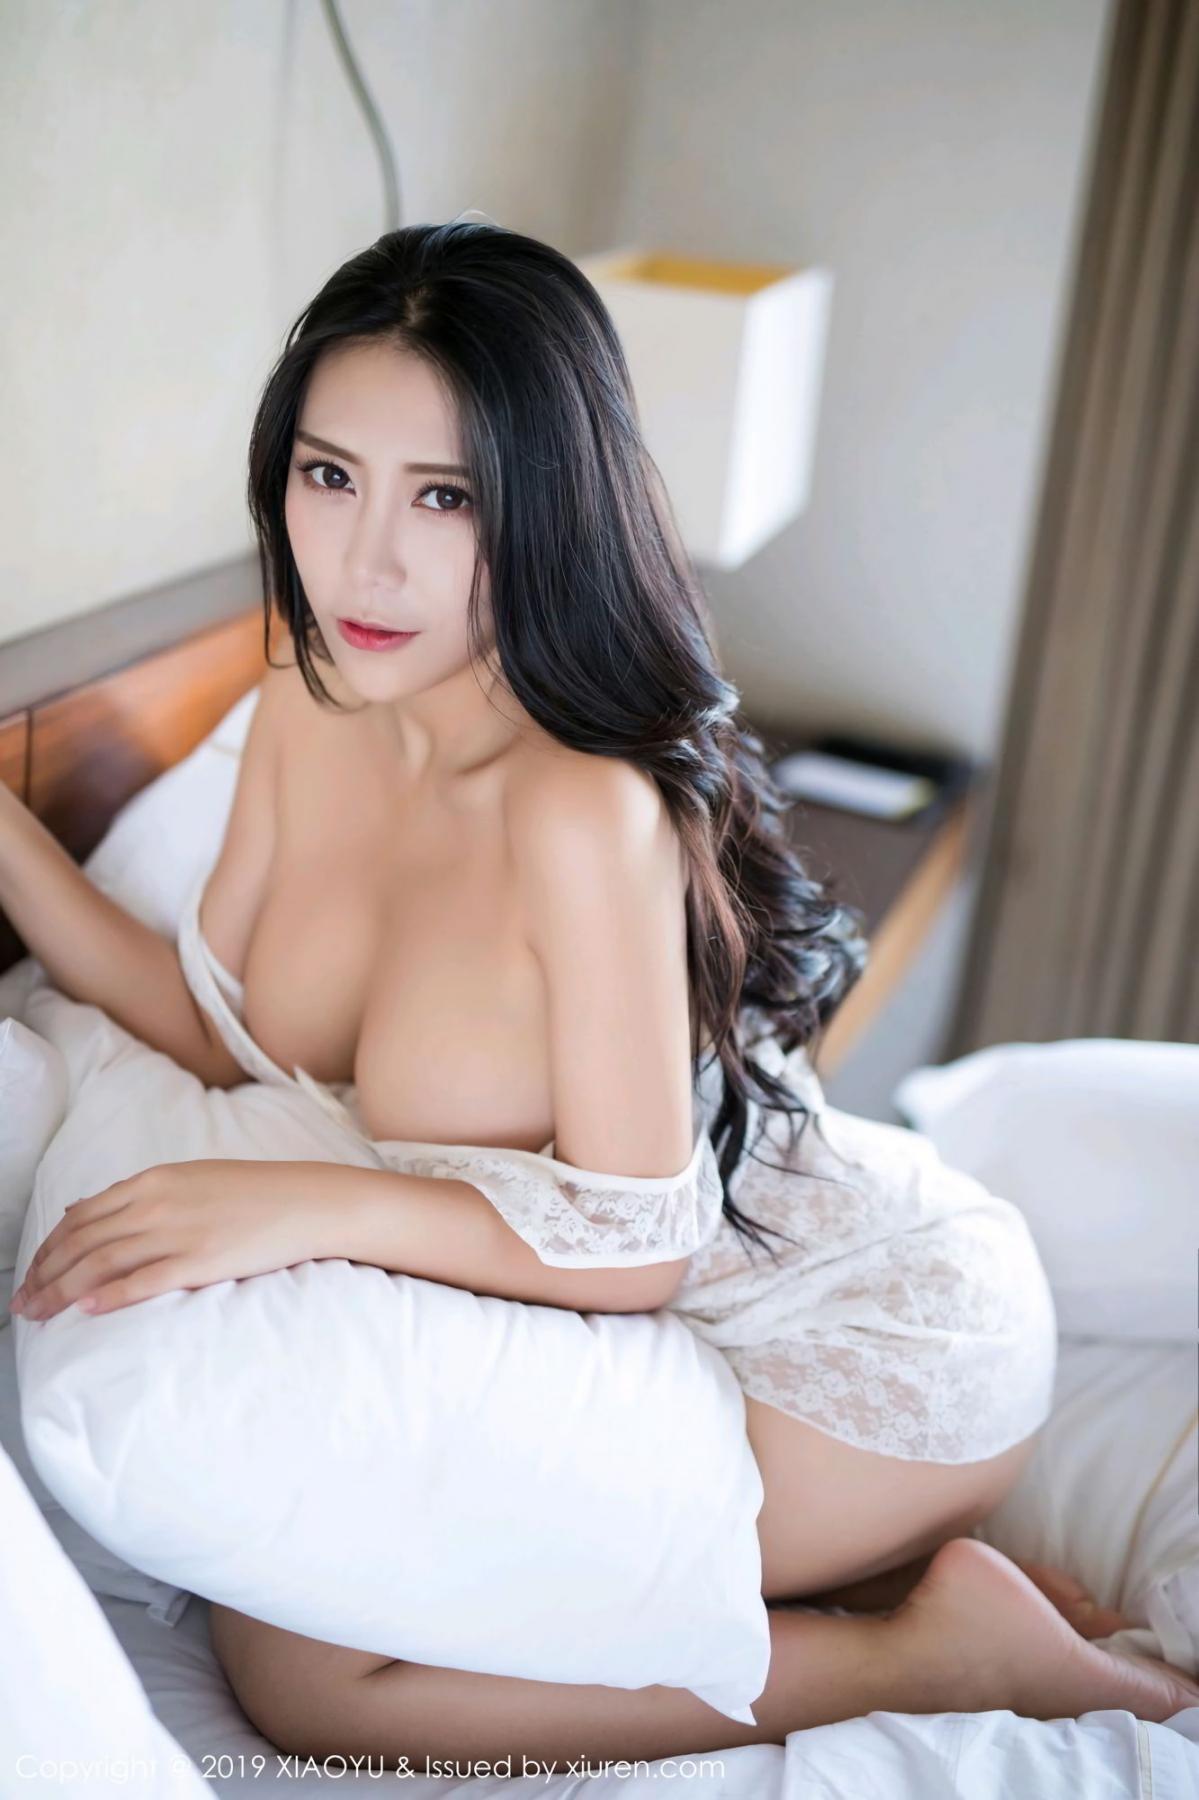 [XiaoYu] Vol.136 An Ke Er 2P, An Ke Er, Underwear, XiaoYu